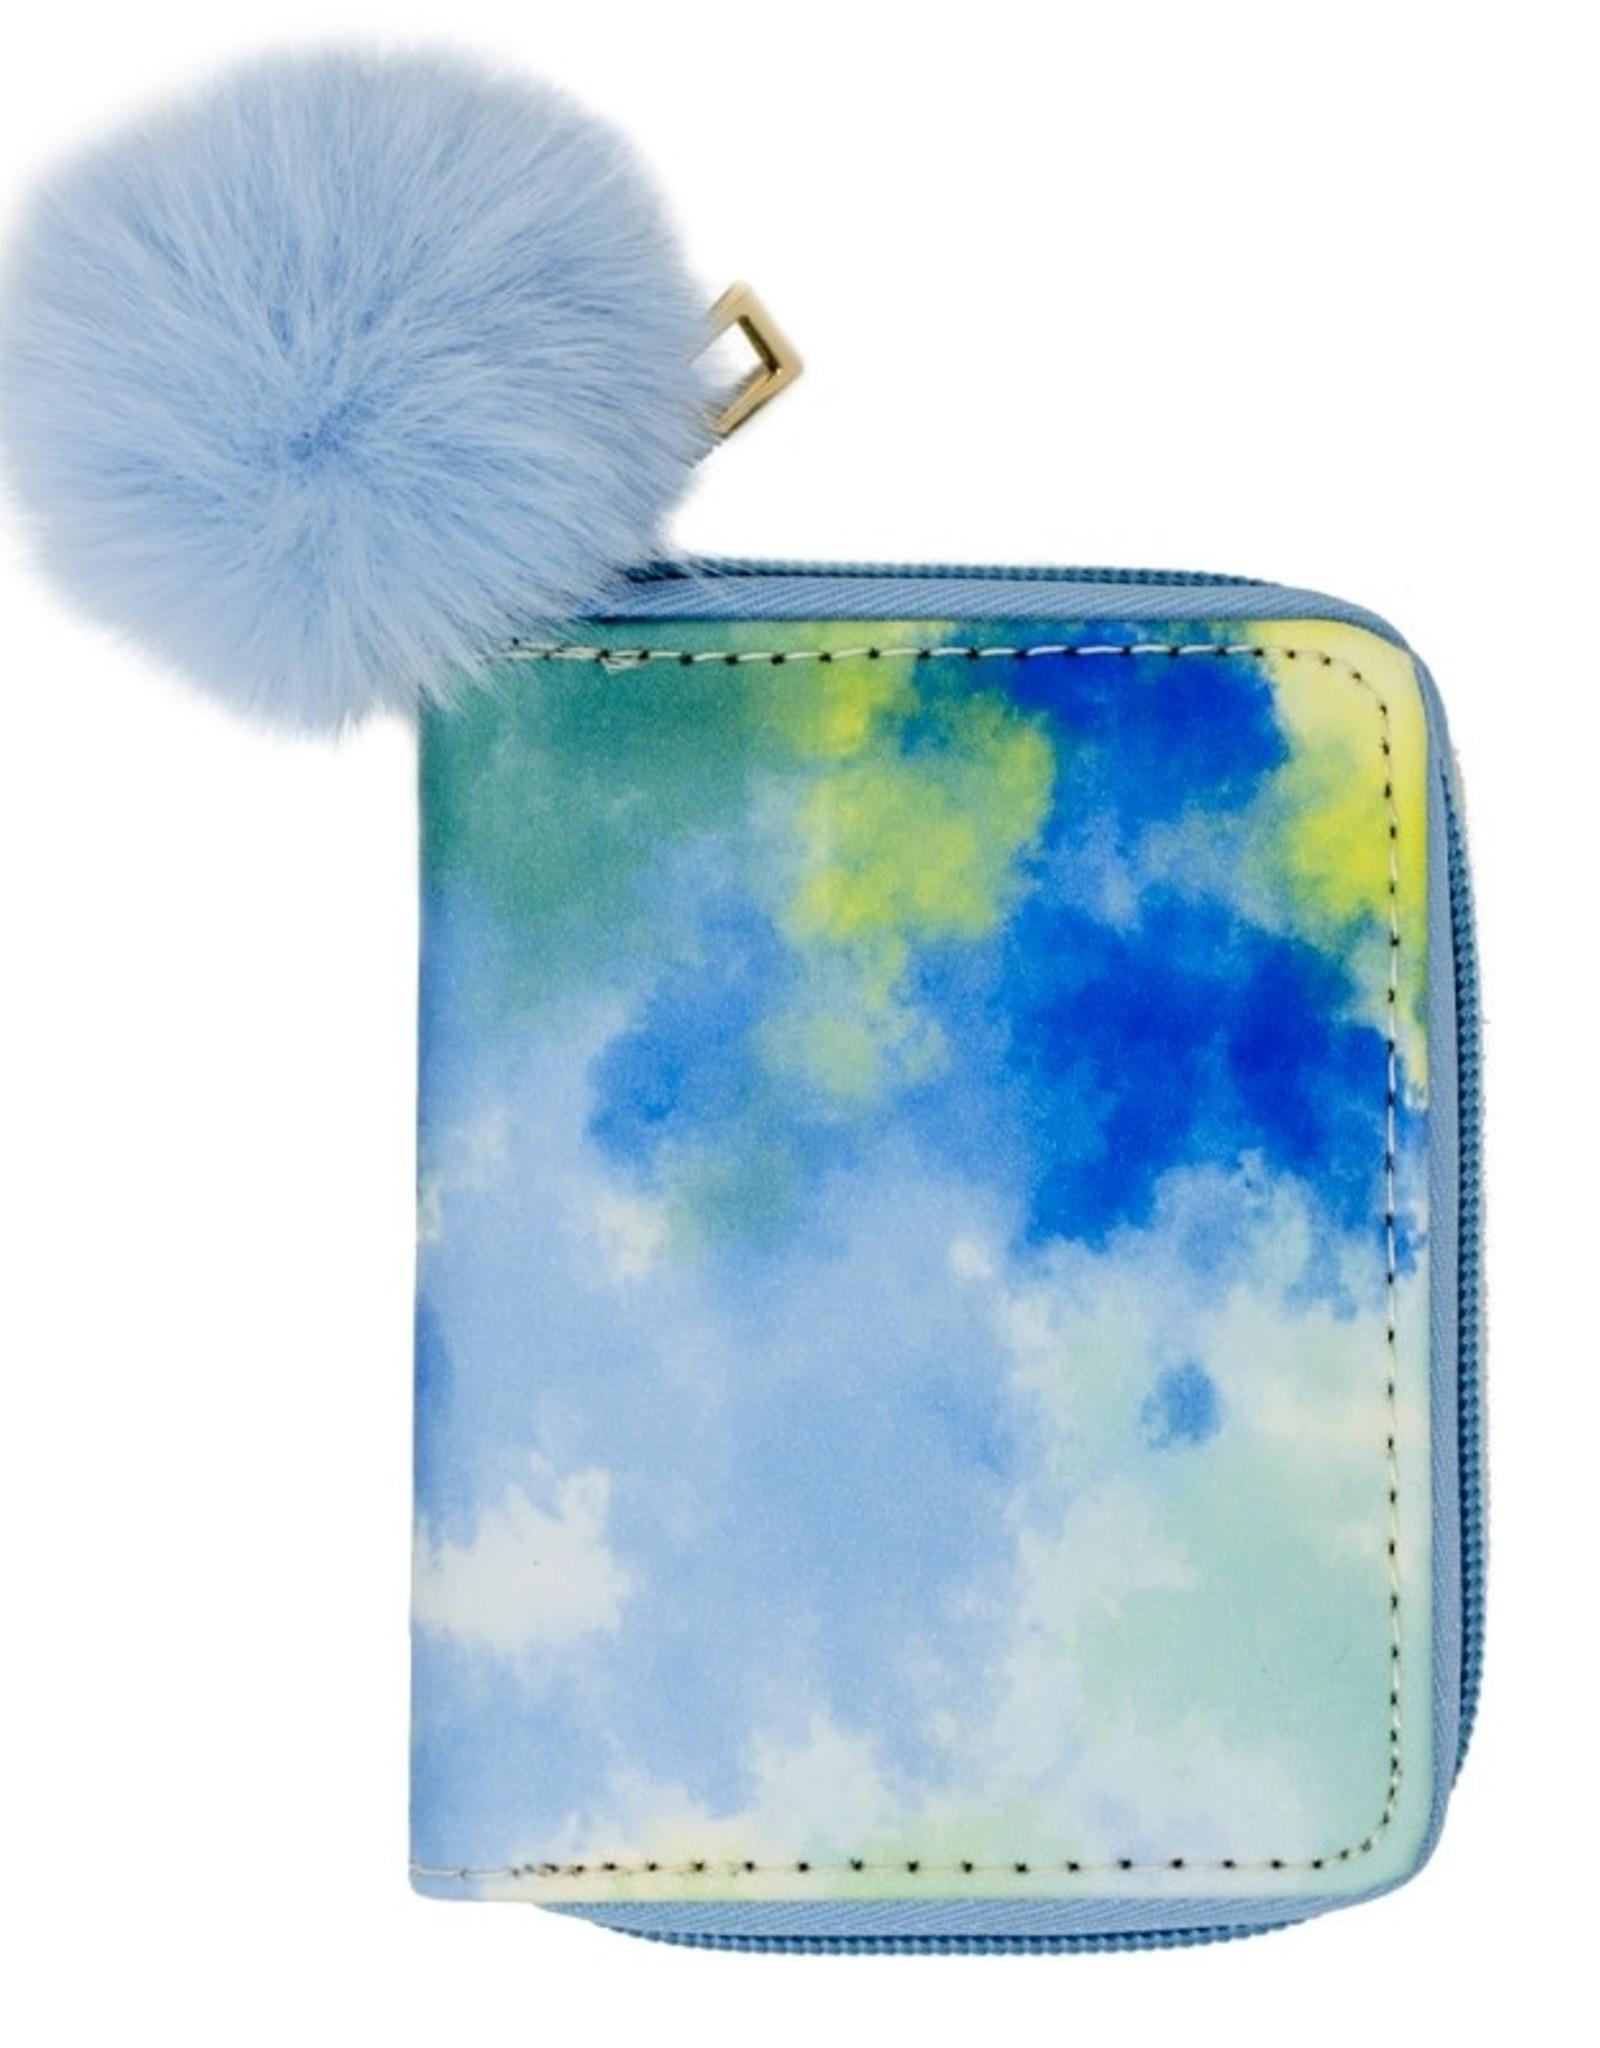 Zomi Gems Blue Tie Dye Wallet